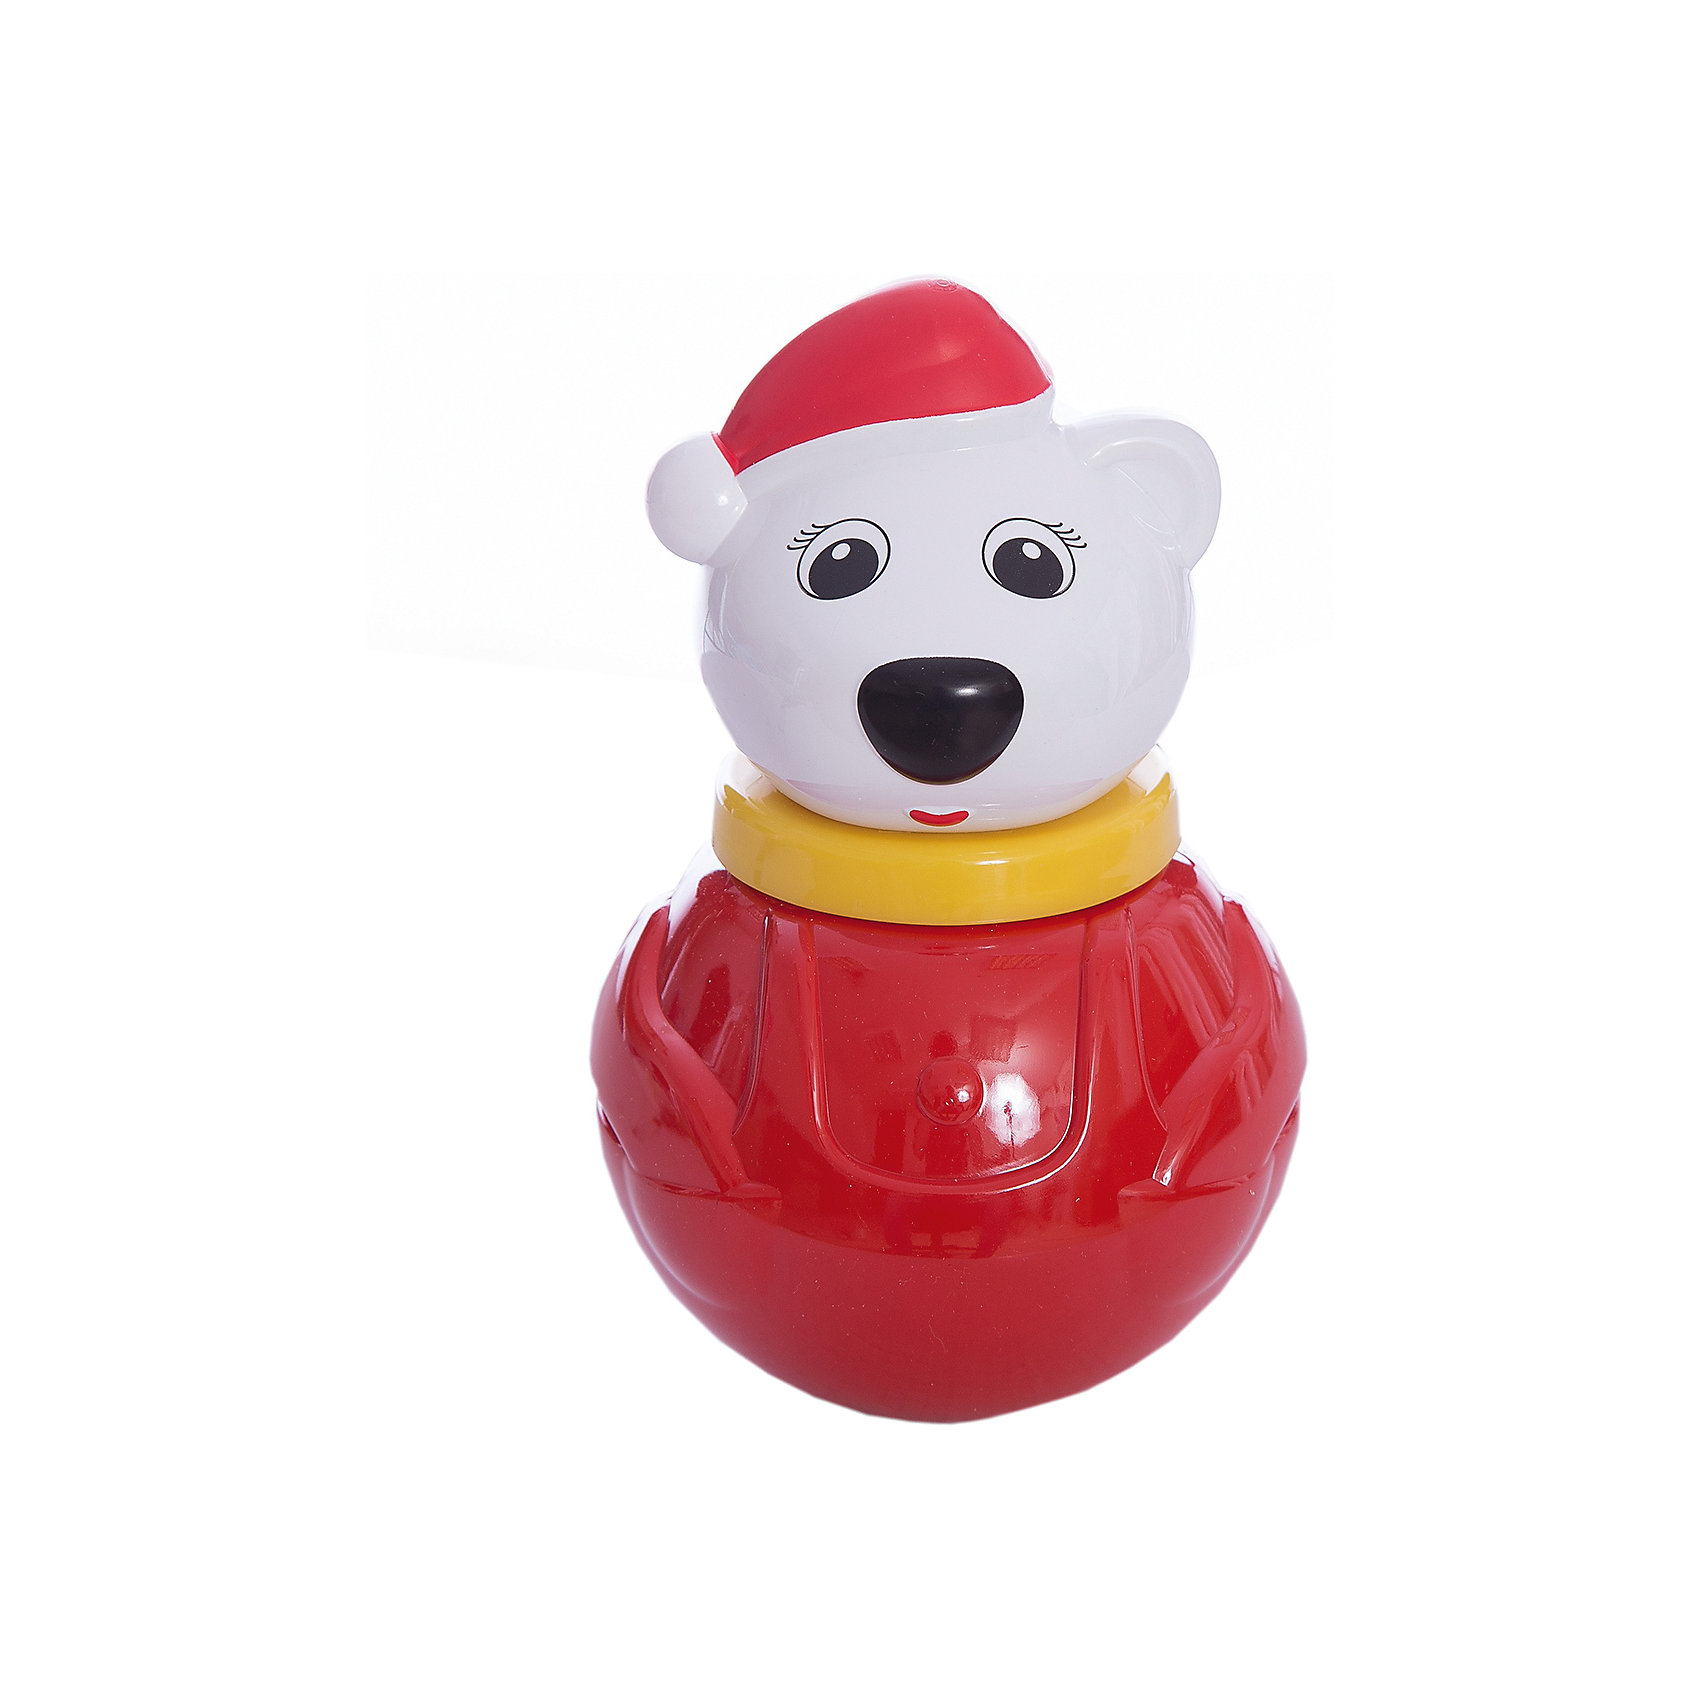 Стеллар Неваляшка  малая Белый медведь-2 коробкаСтеллар Неваляшка малая Белый медведь-2 коробка<br><br>Характеристики:<br><br>• Материал: пластик<br>• Размер: 10х16х10 см<br>• Возраст: от 6 месяцев<br><br>Веселая неваляшка медвежонок развеселит малыша. Как только ребенок начнет укладывать игрушку, она тут же встанет. Яркая расцветка не тускнеет, а качественный материал очень крепкий и полностью безопасен для детей. Миленькая мордочка медвежонка однозначно придется по душе, как девочкам, так и мальчикам.<br><br>Стеллар Неваляшка малая Белый медведь-2 коробка можно купить в нашем интернет-магазине.<br><br>Ширина мм: 115<br>Глубина мм: 115<br>Высота мм: 185<br>Вес г: 200<br>Возраст от месяцев: 24<br>Возраст до месяцев: 60<br>Пол: Унисекс<br>Возраст: Детский<br>SKU: 2407092